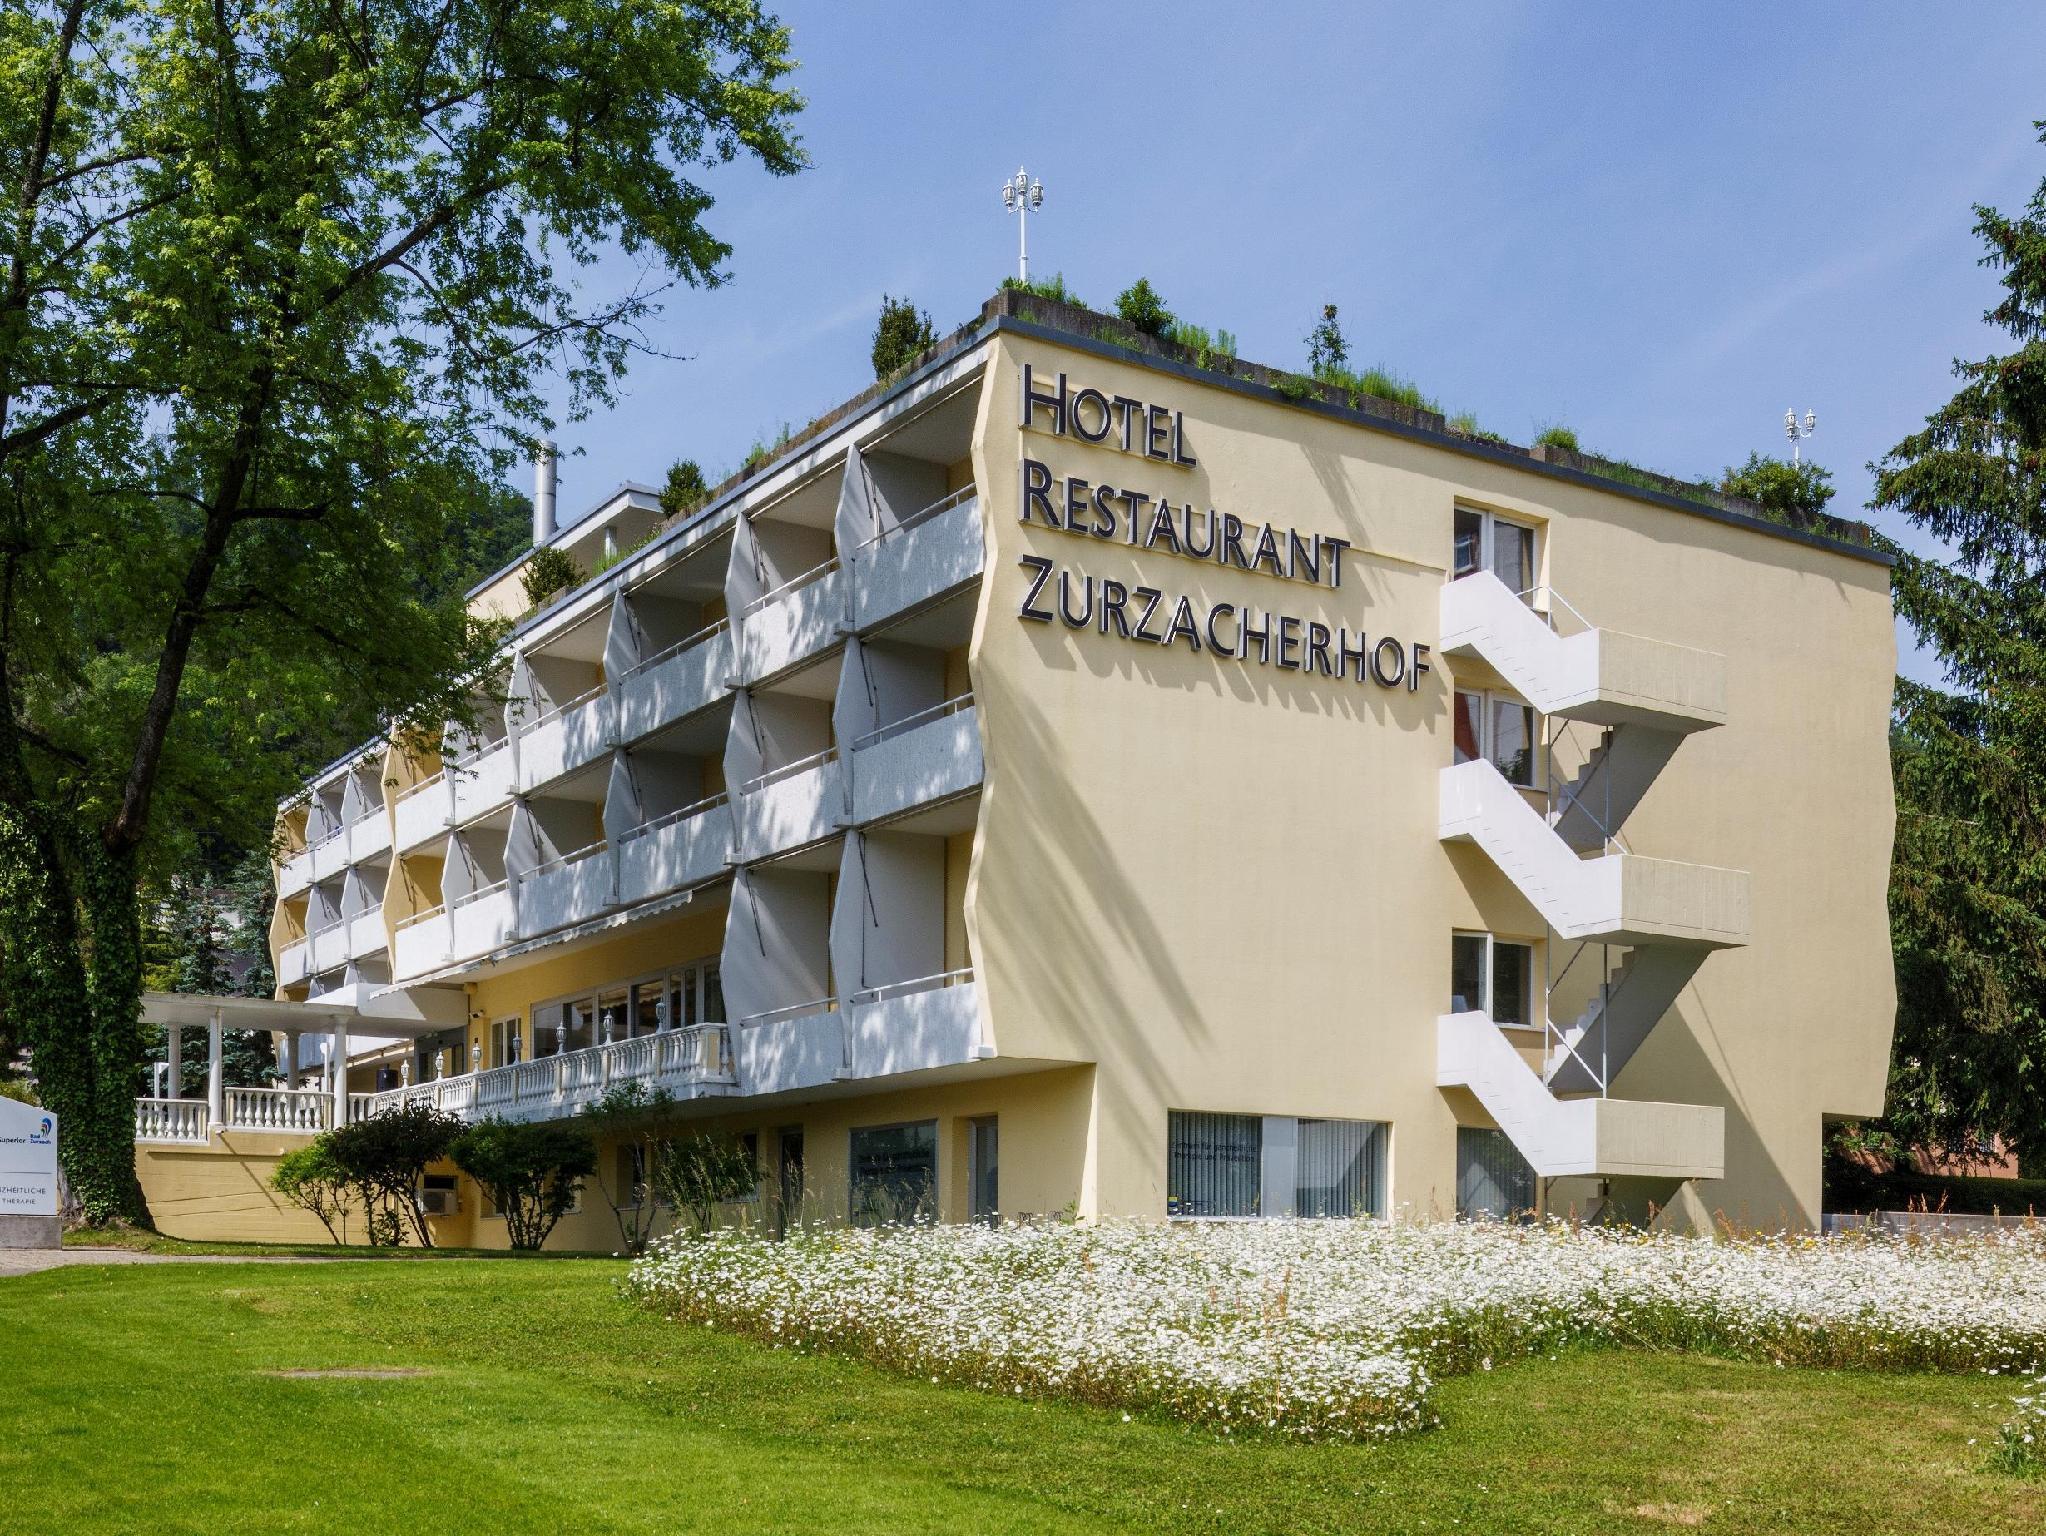 Zurzacherhof Hotel, Zurzach